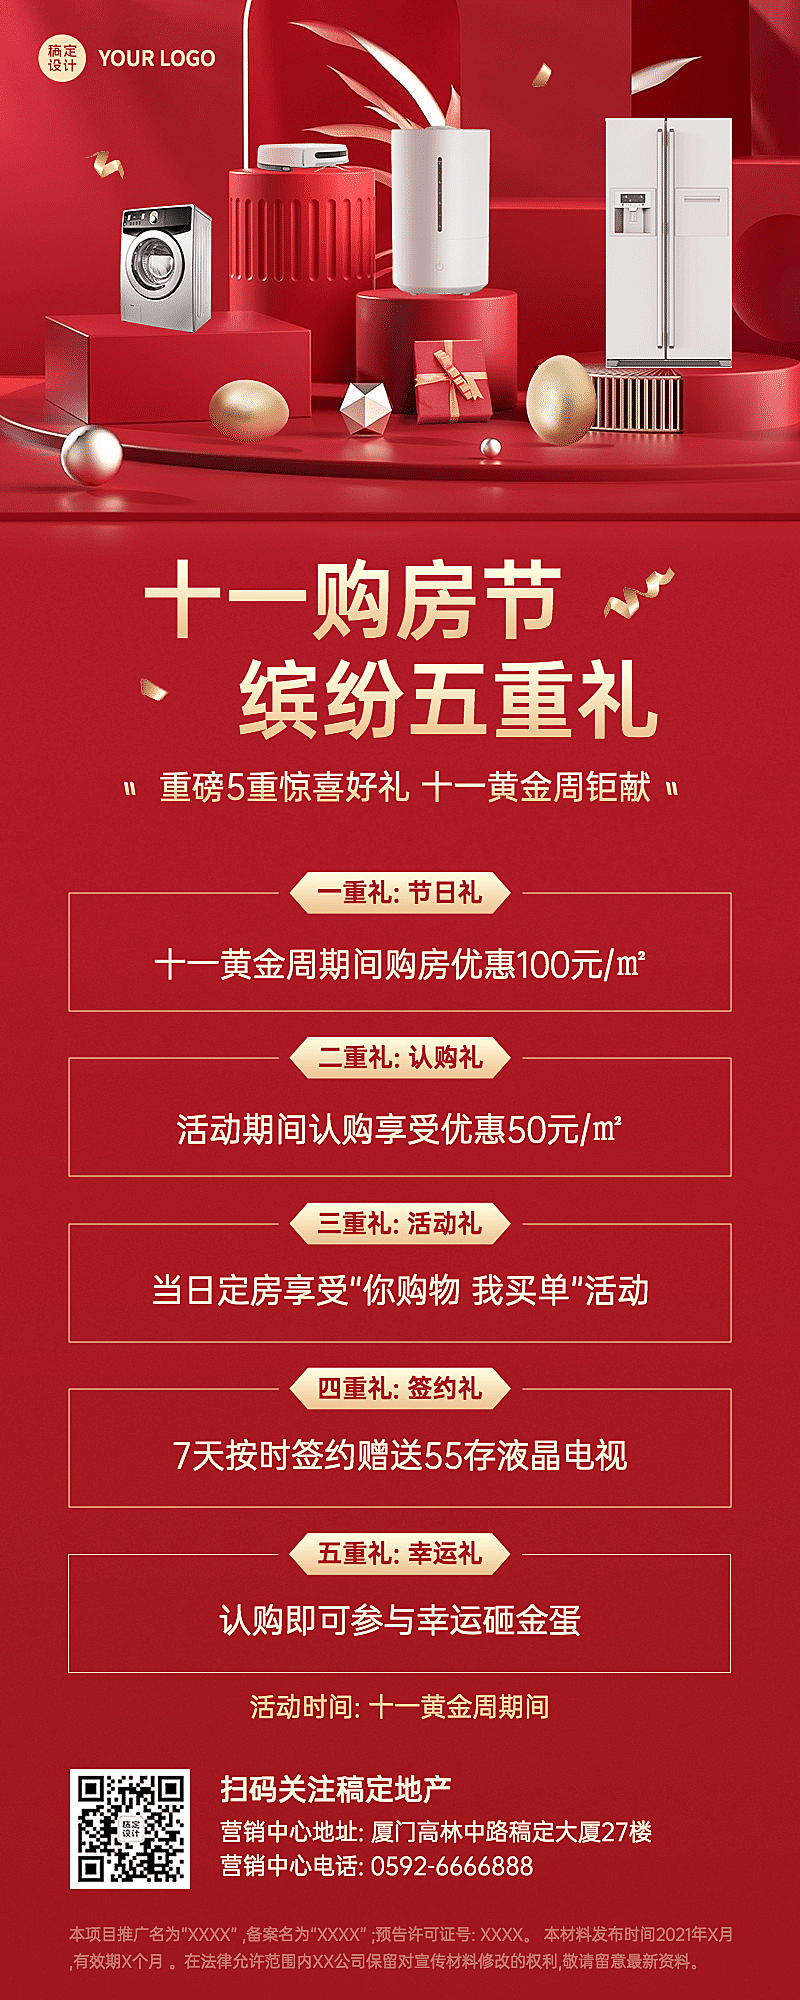 房地产十一国庆黄金周营销长图海报